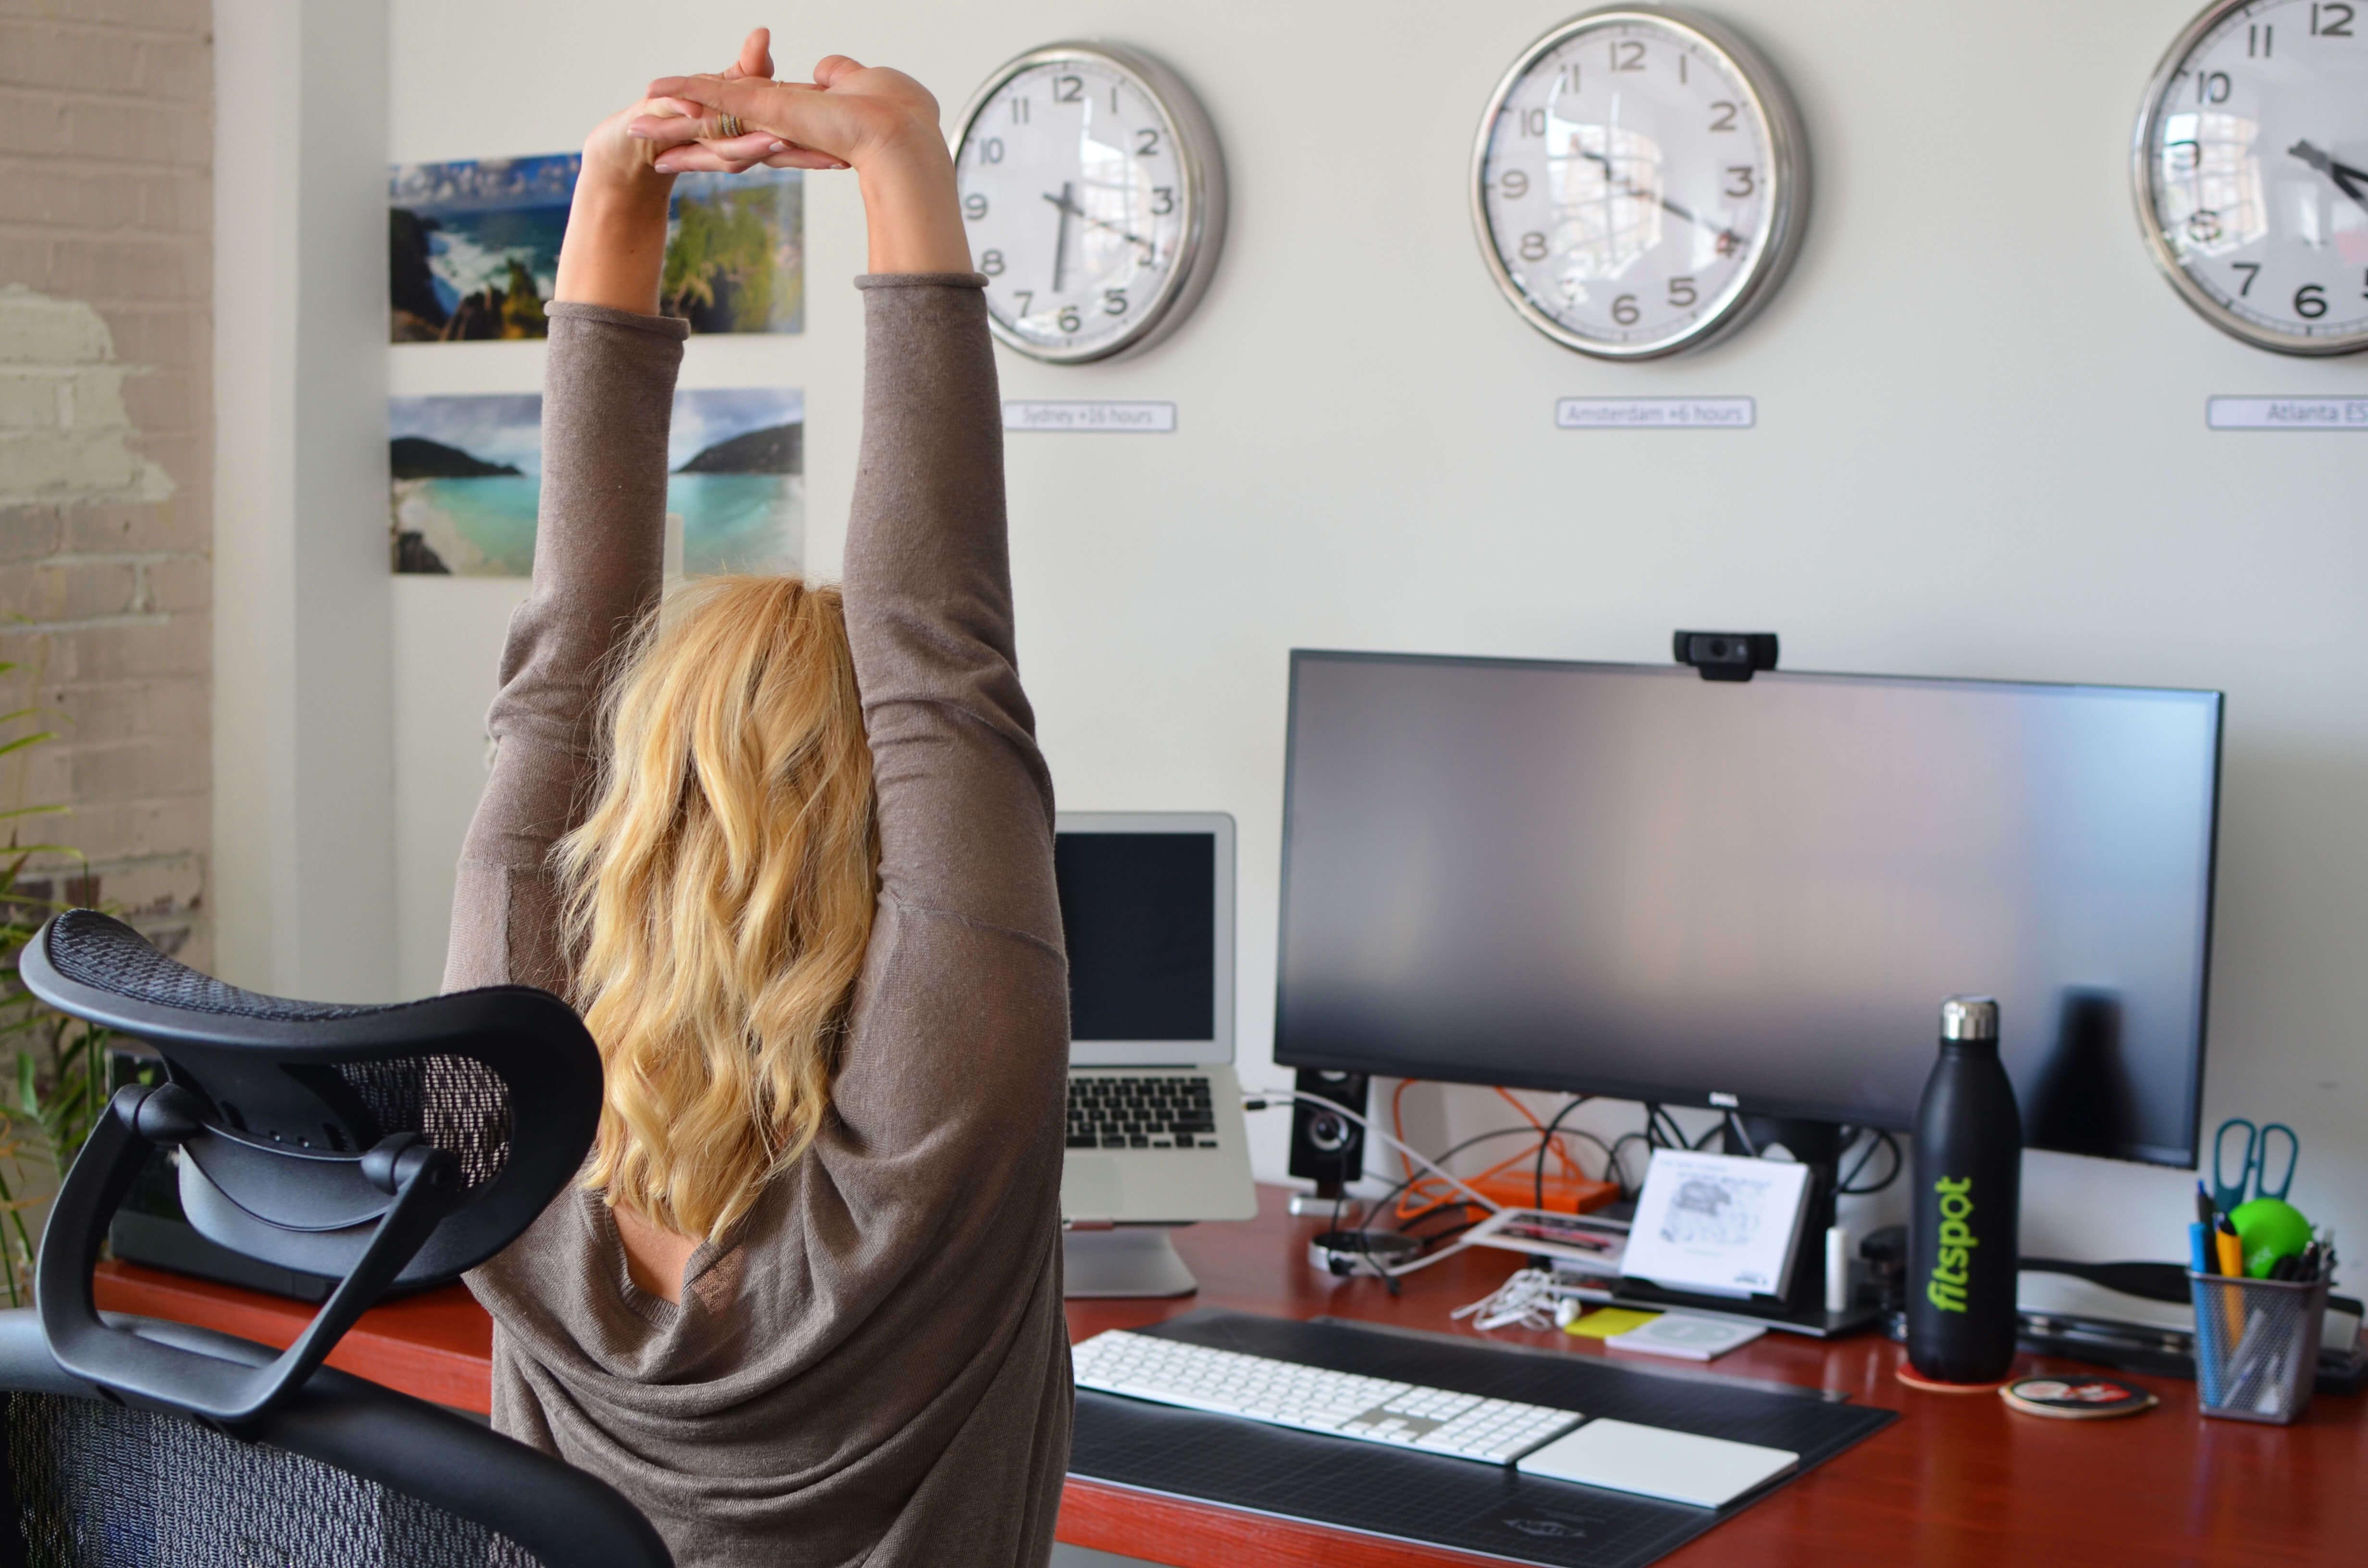 Упражнение для офиса: Растяжка плеч